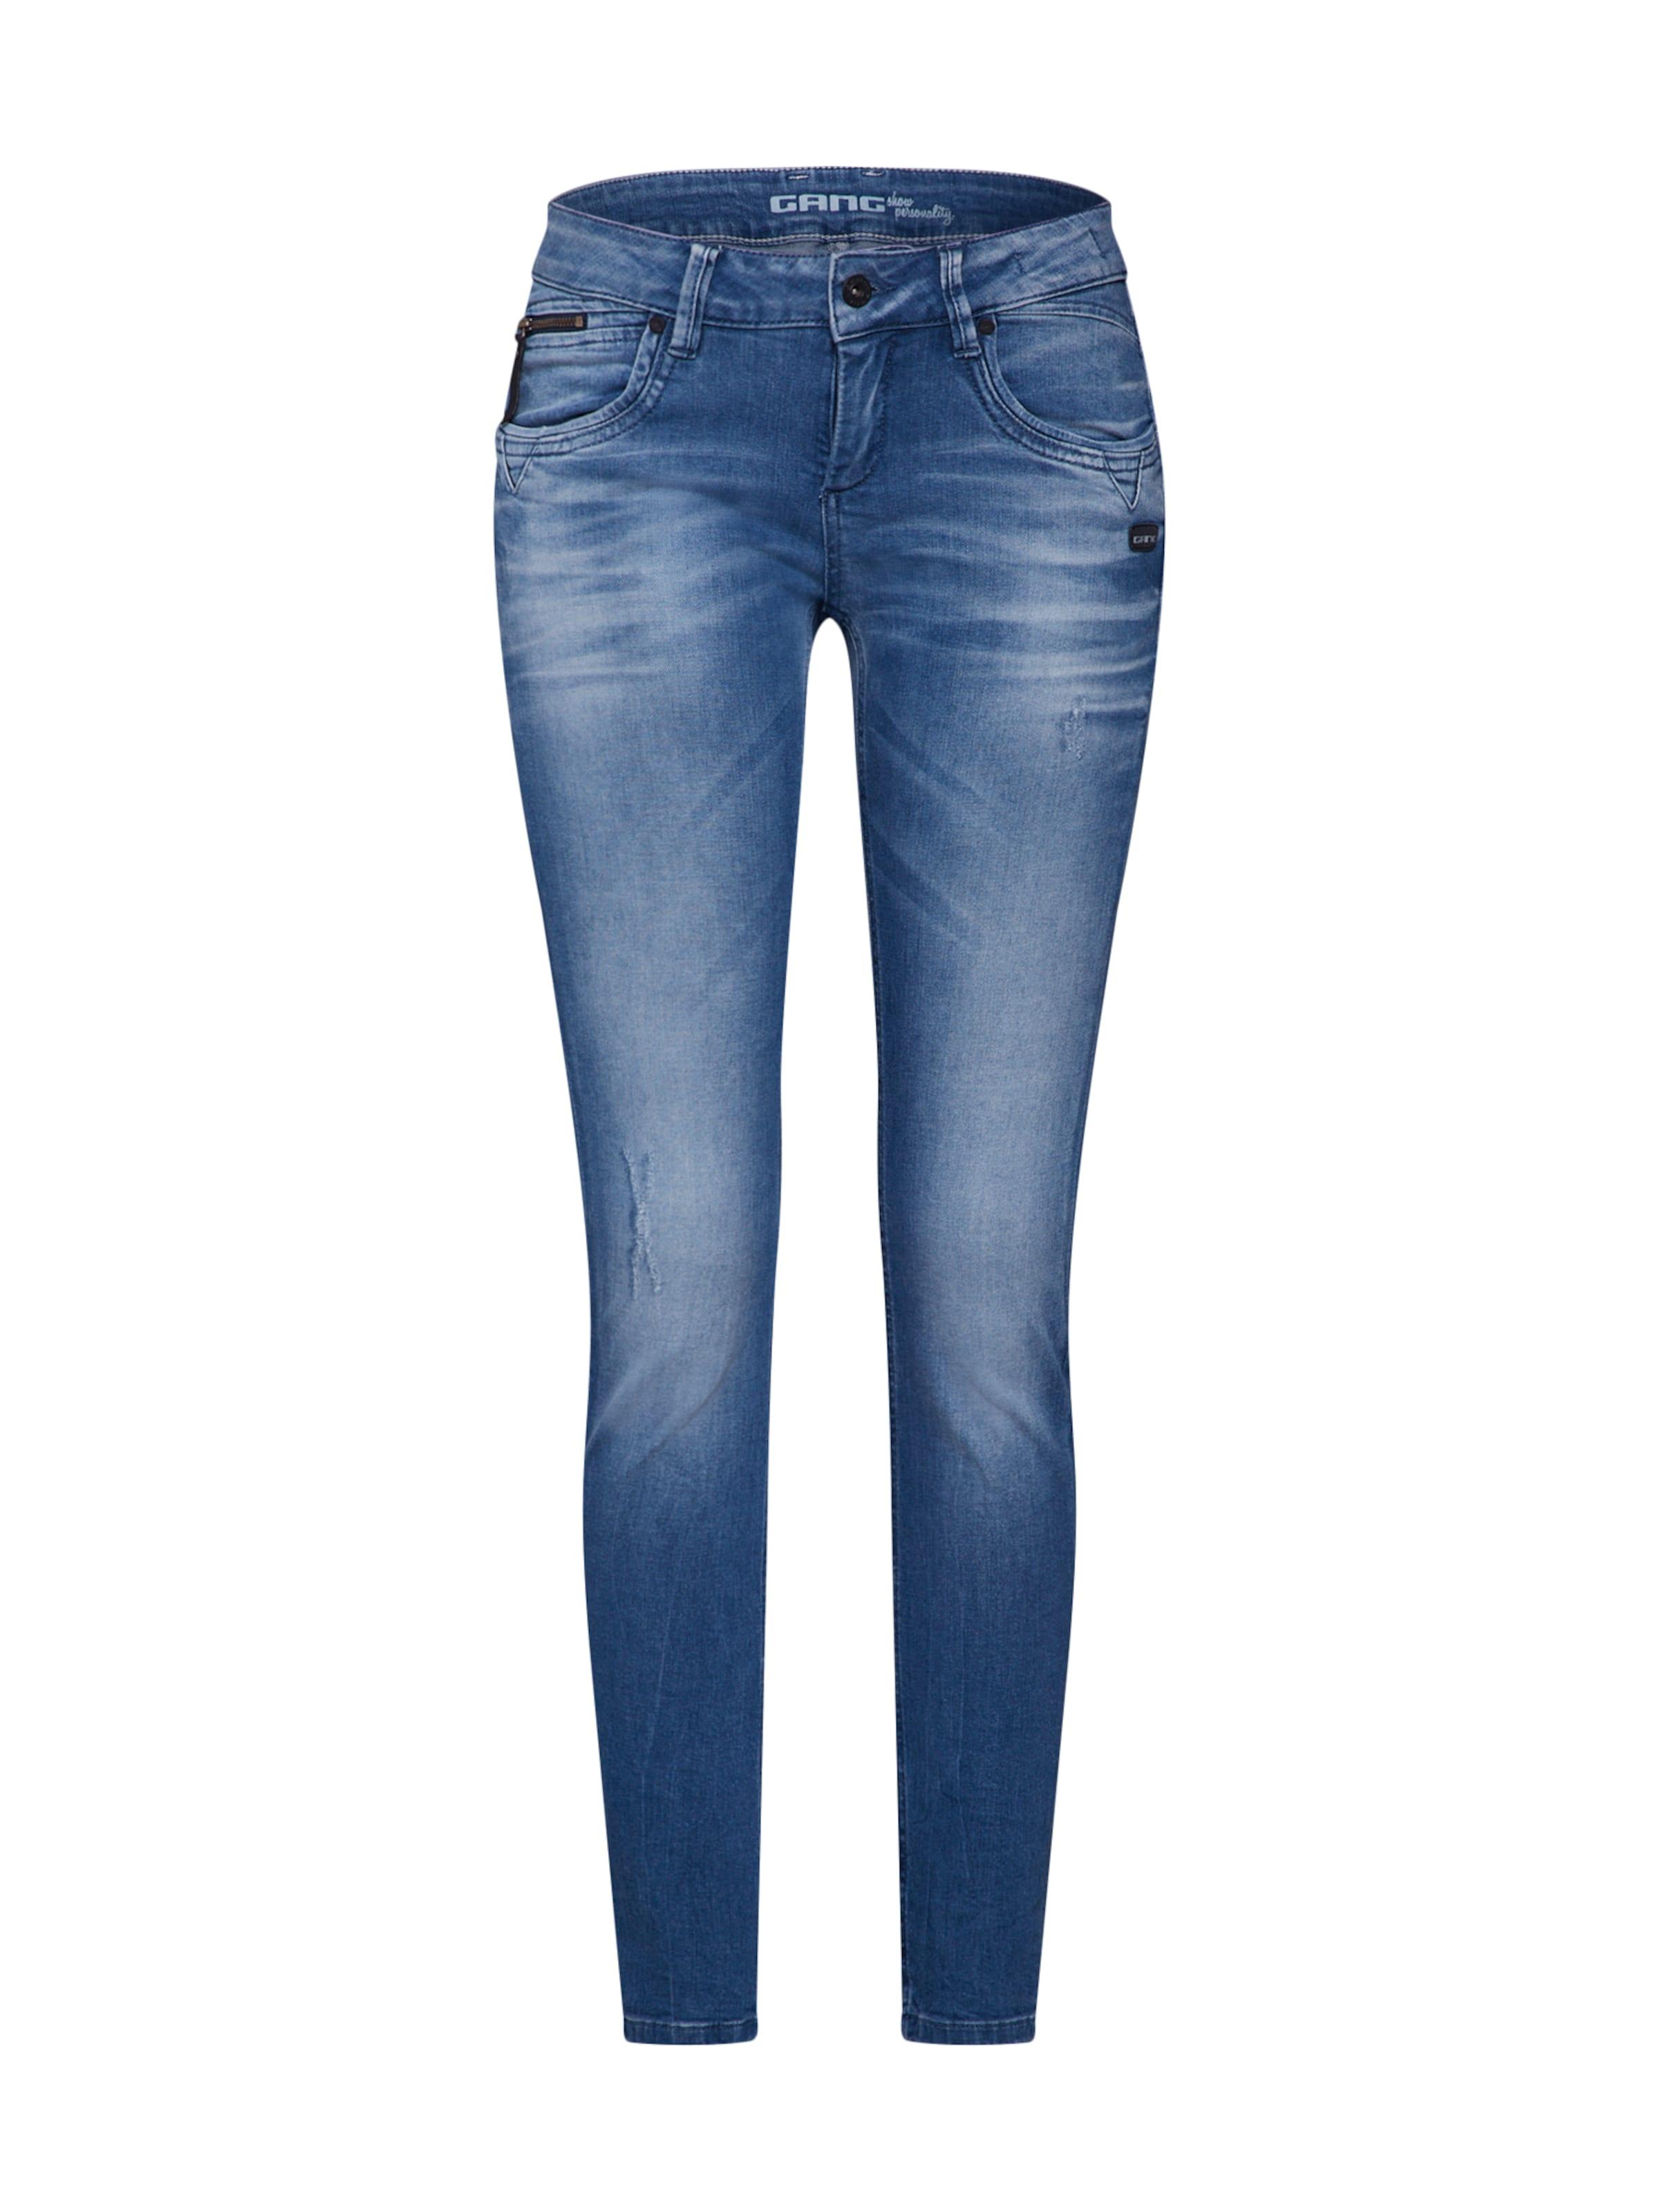 'nikita' Jeans Blauw Gang In Denim R3A4j5L